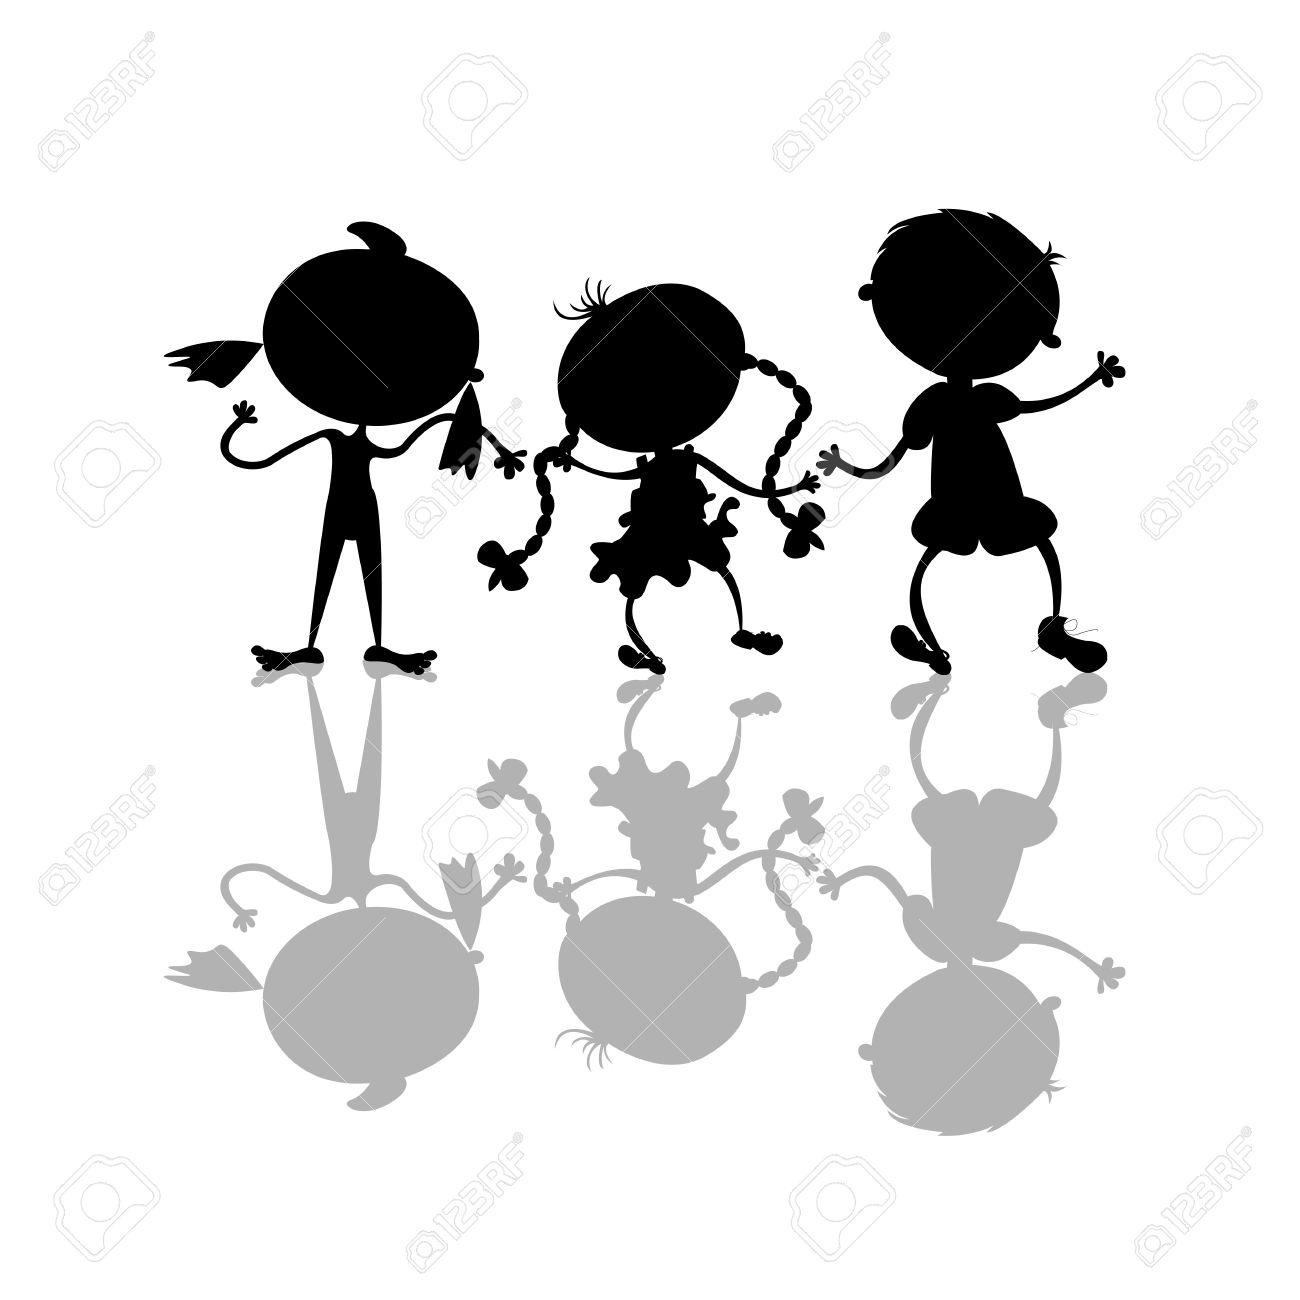 Shaow clipart kid shadow Shadow Kids Clipart Black kids